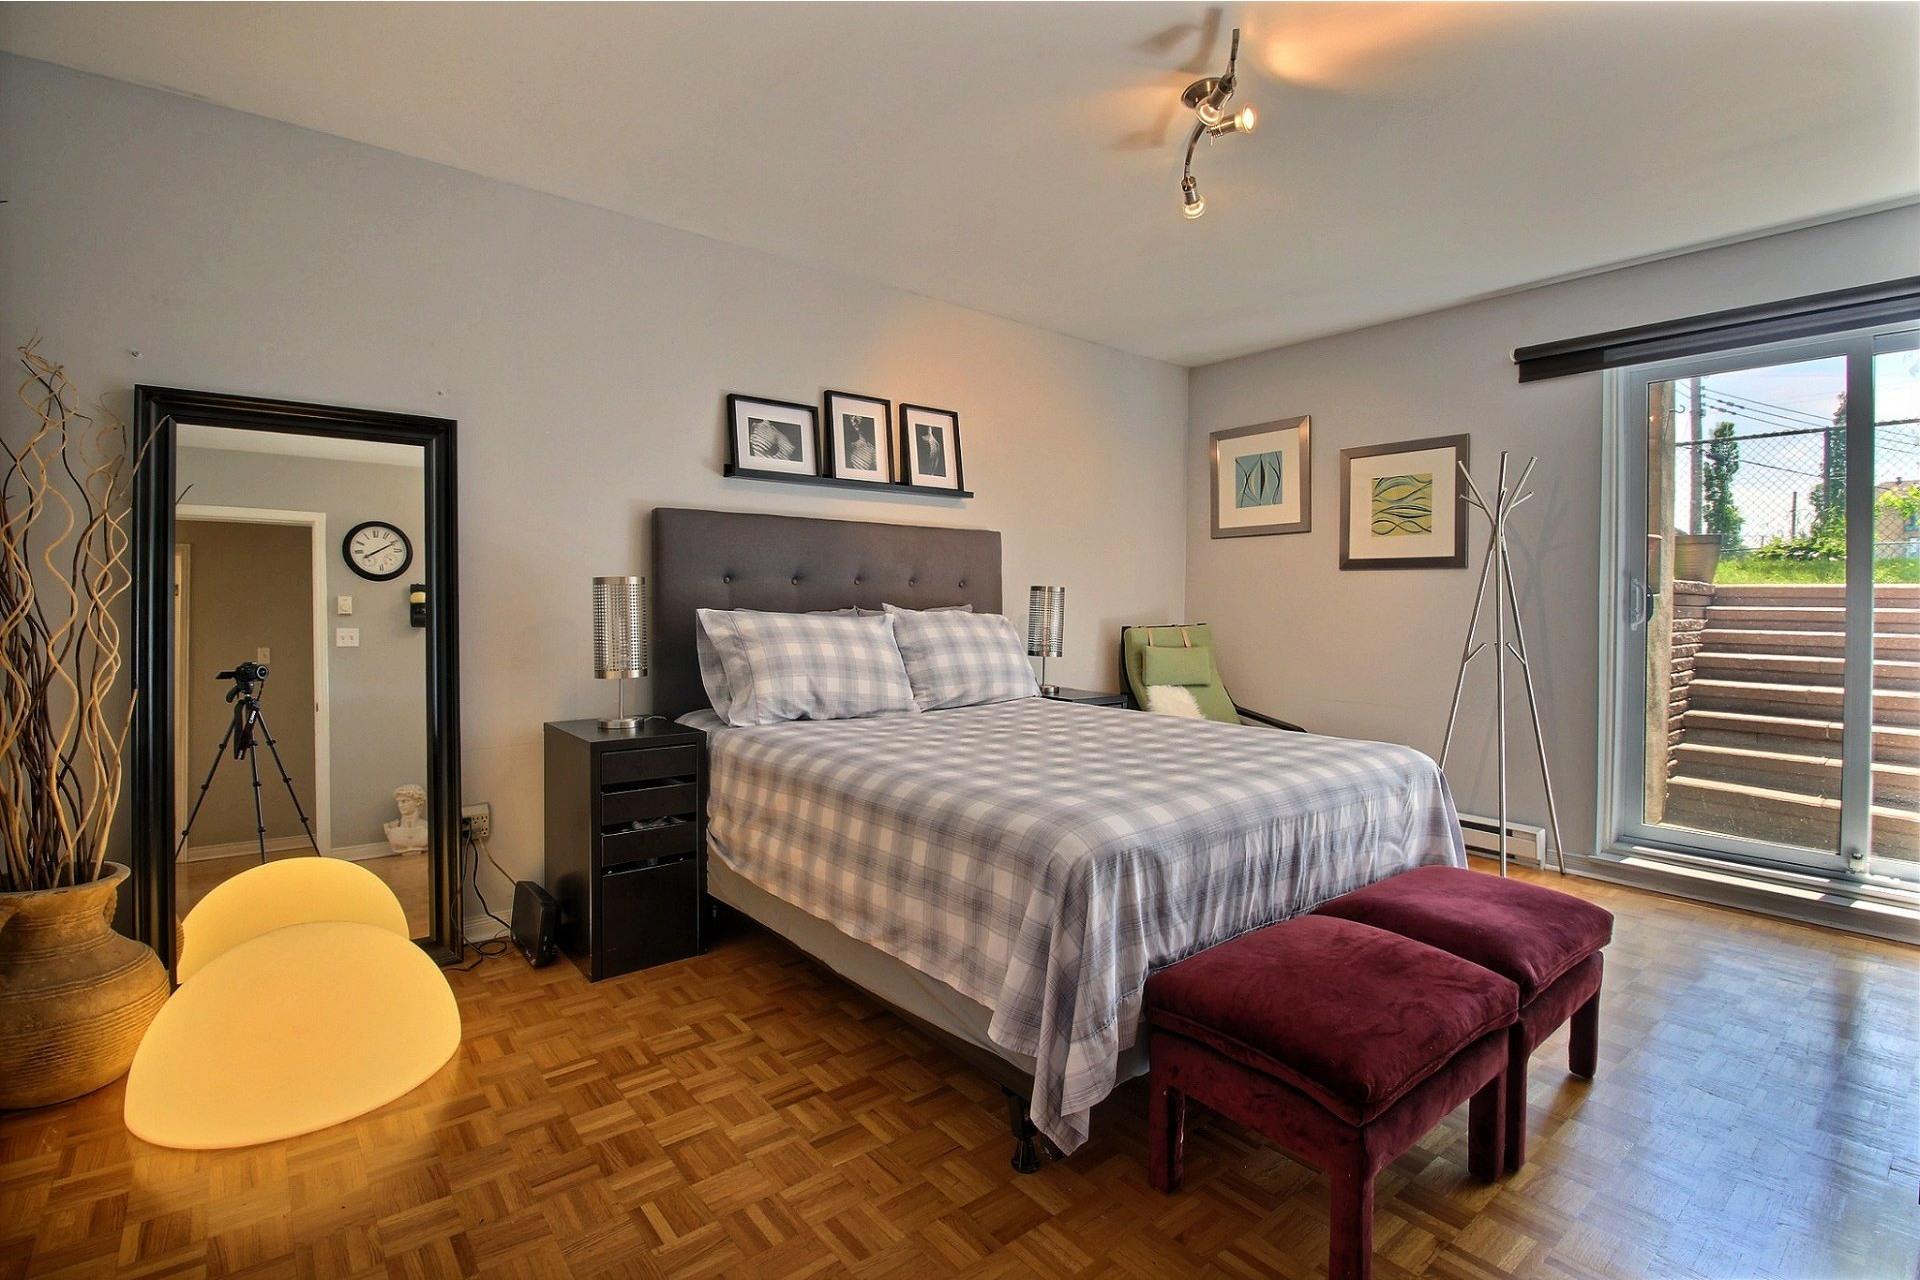 image 16 - Appartement À vendre Montréal Rivière-des-Prairies/Pointe-aux-Trembles  - 5 pièces